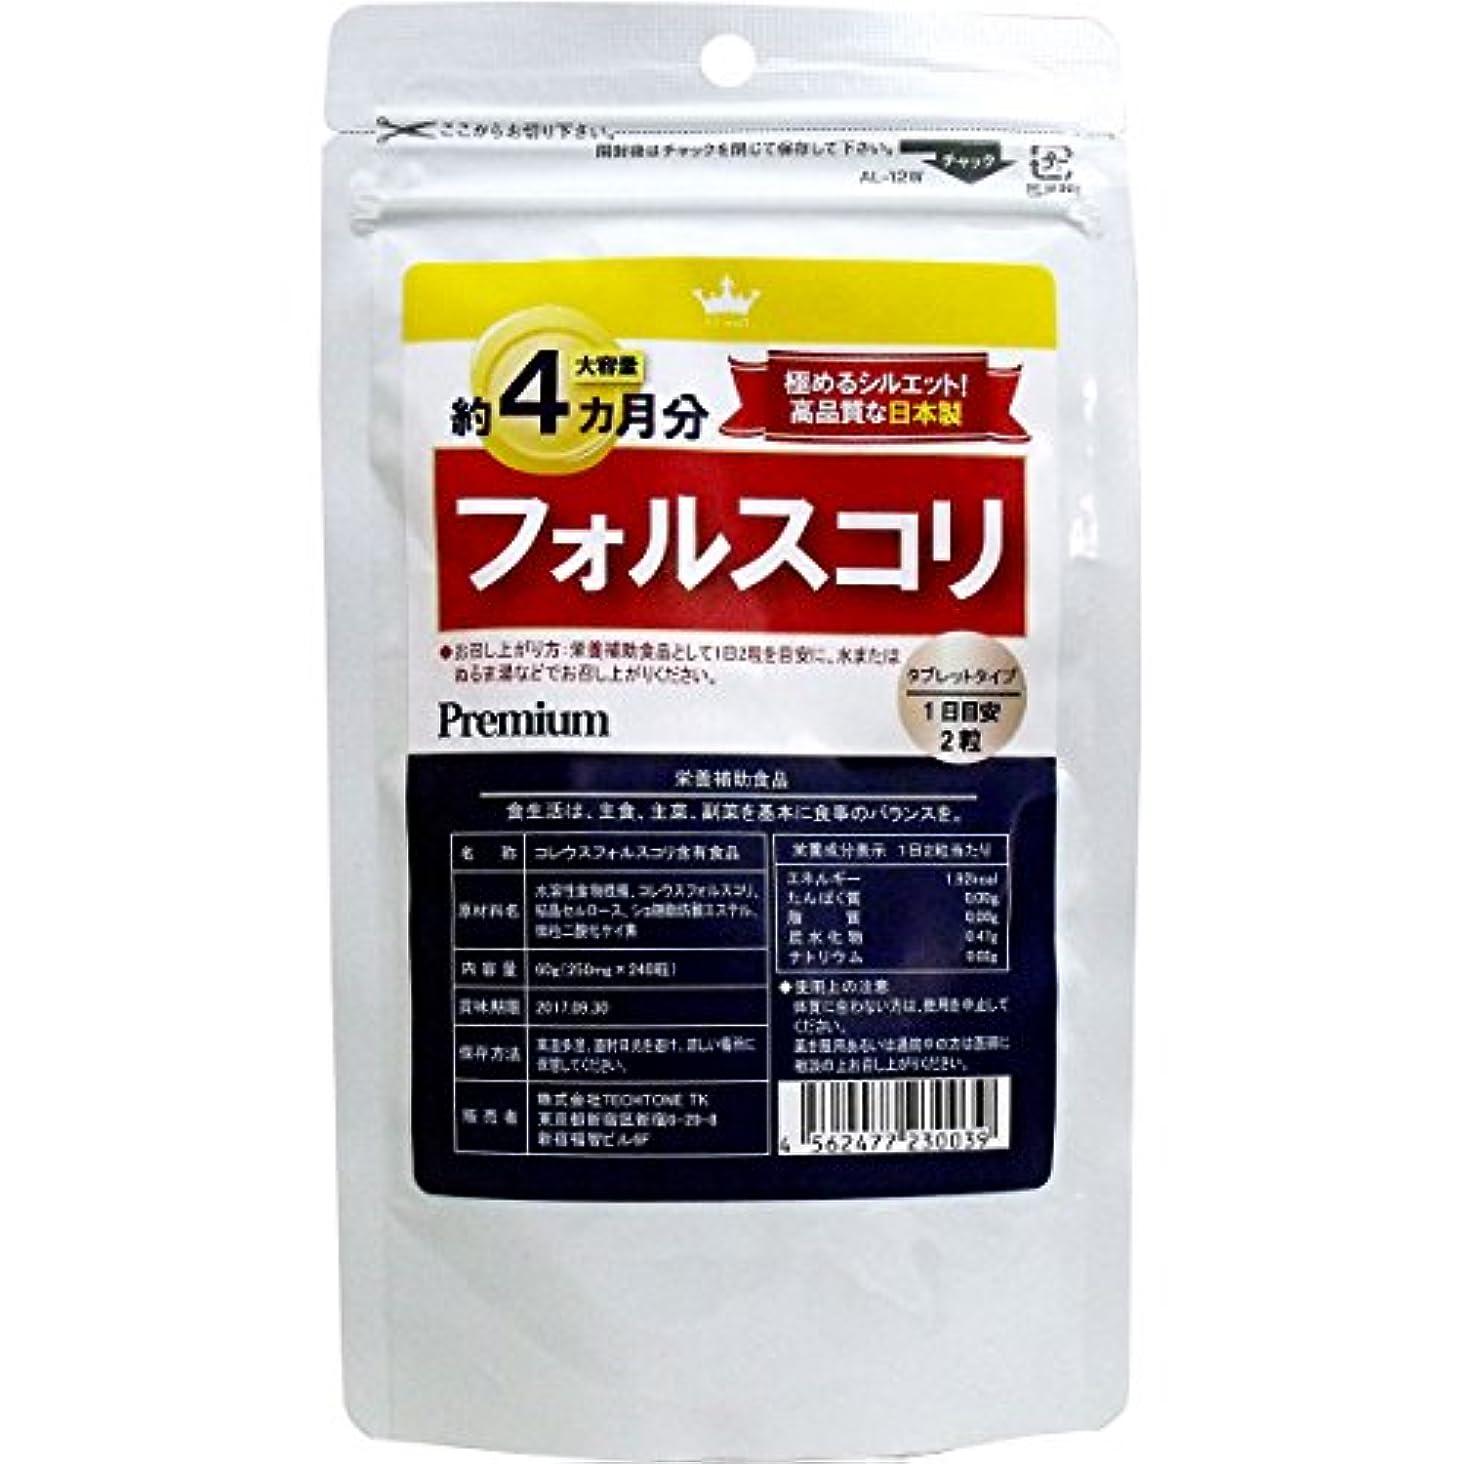 サプリメント 高品質な日本製 健康食品 フォルスコリ 約4カ月分 240粒入【5個セット】